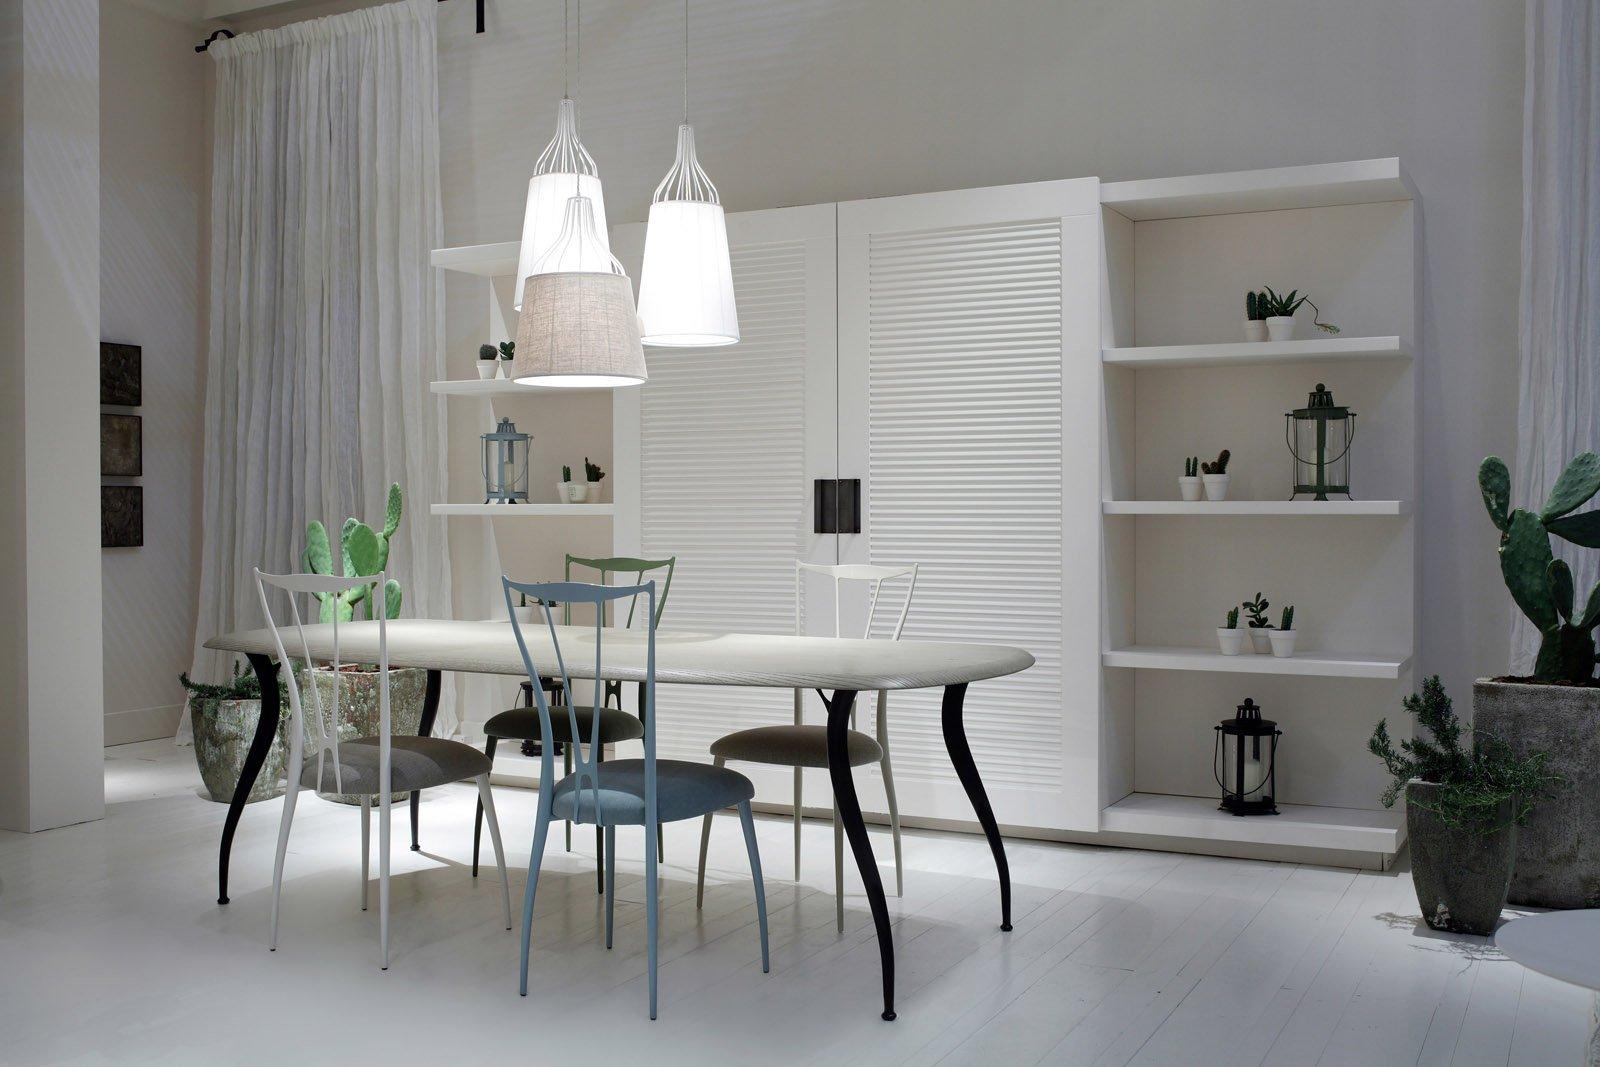 Tavoli e sedie per cucina o soggiorno cose di casa - Tavolo da cucina ...